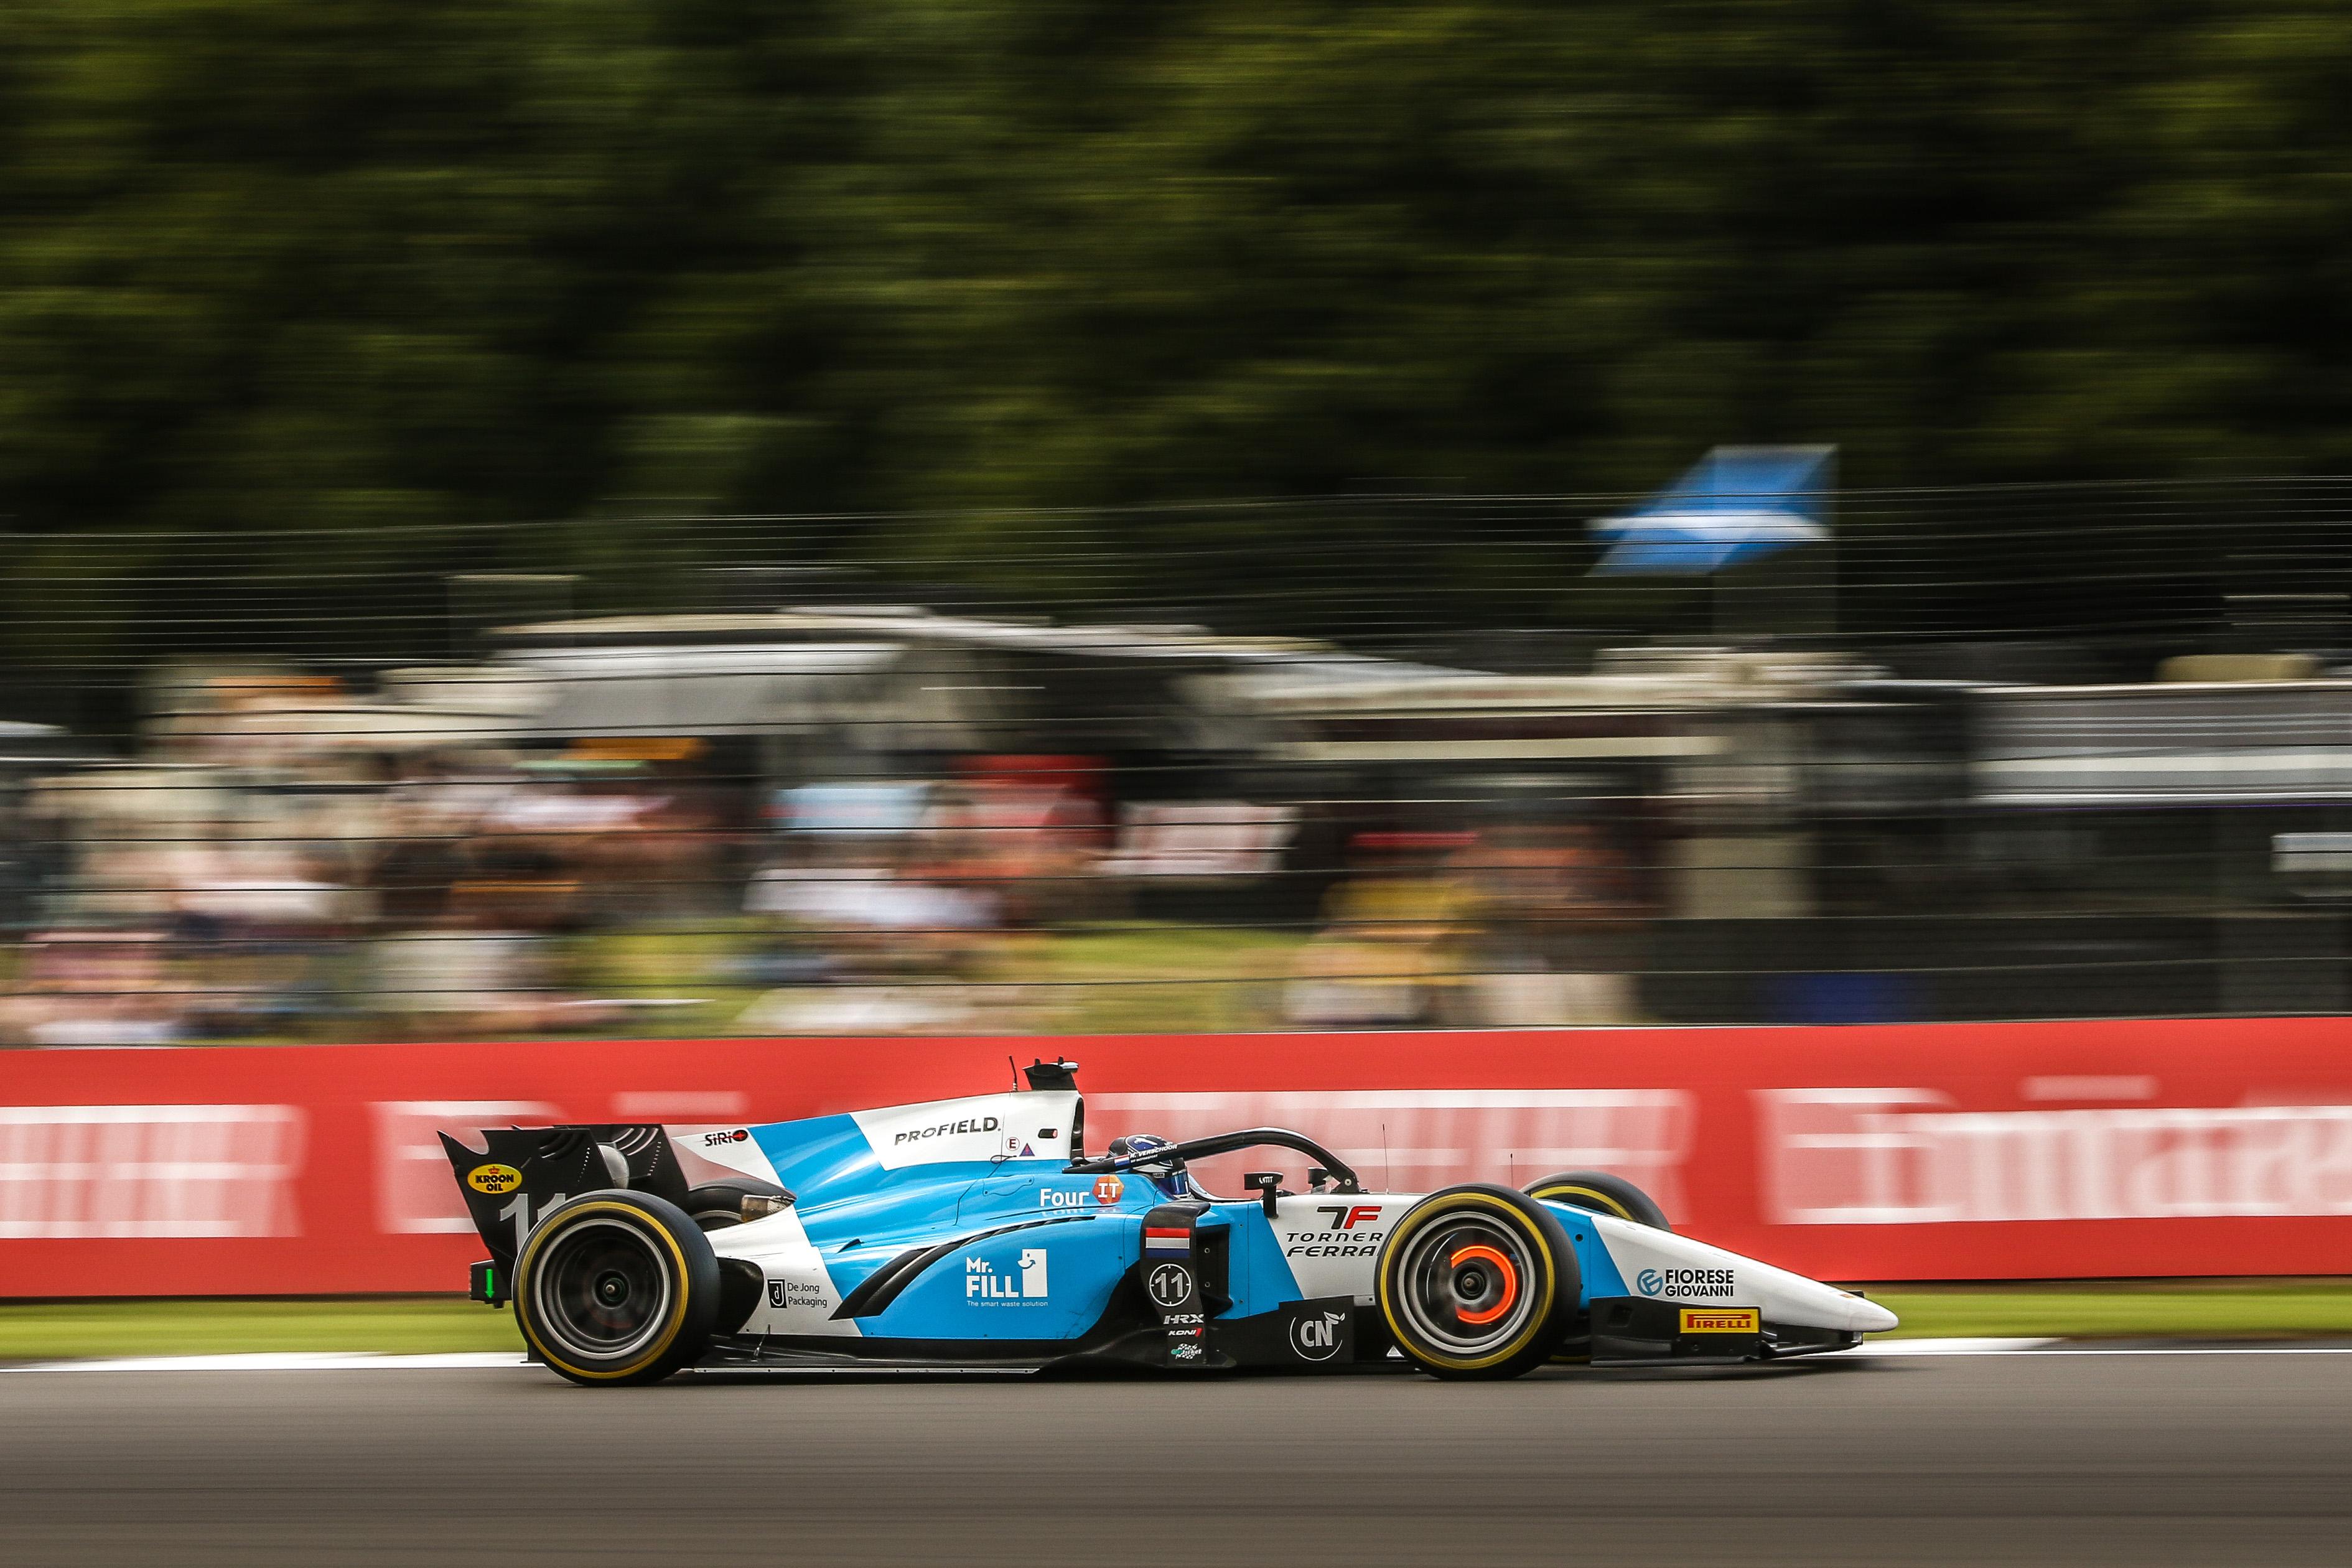 Victoire de Verschoor © MP Motorsport